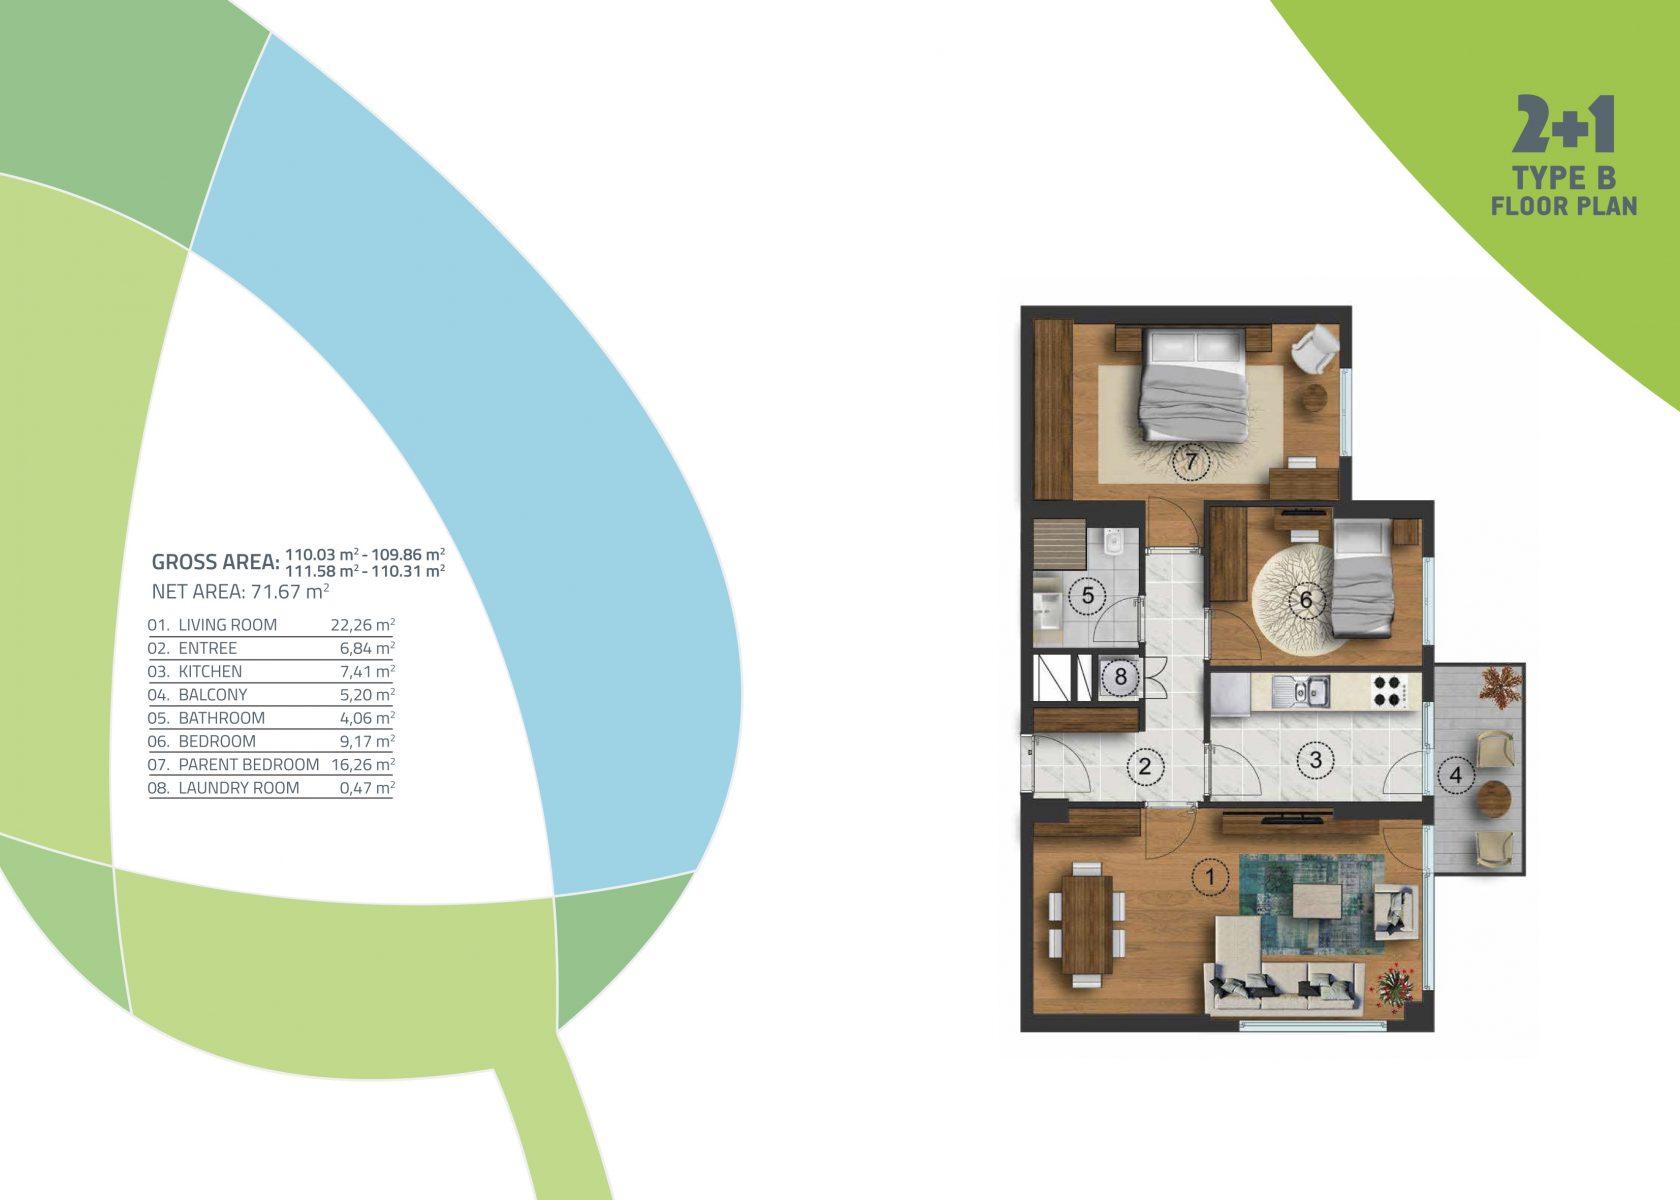 2 bedroom 110.03 sqm